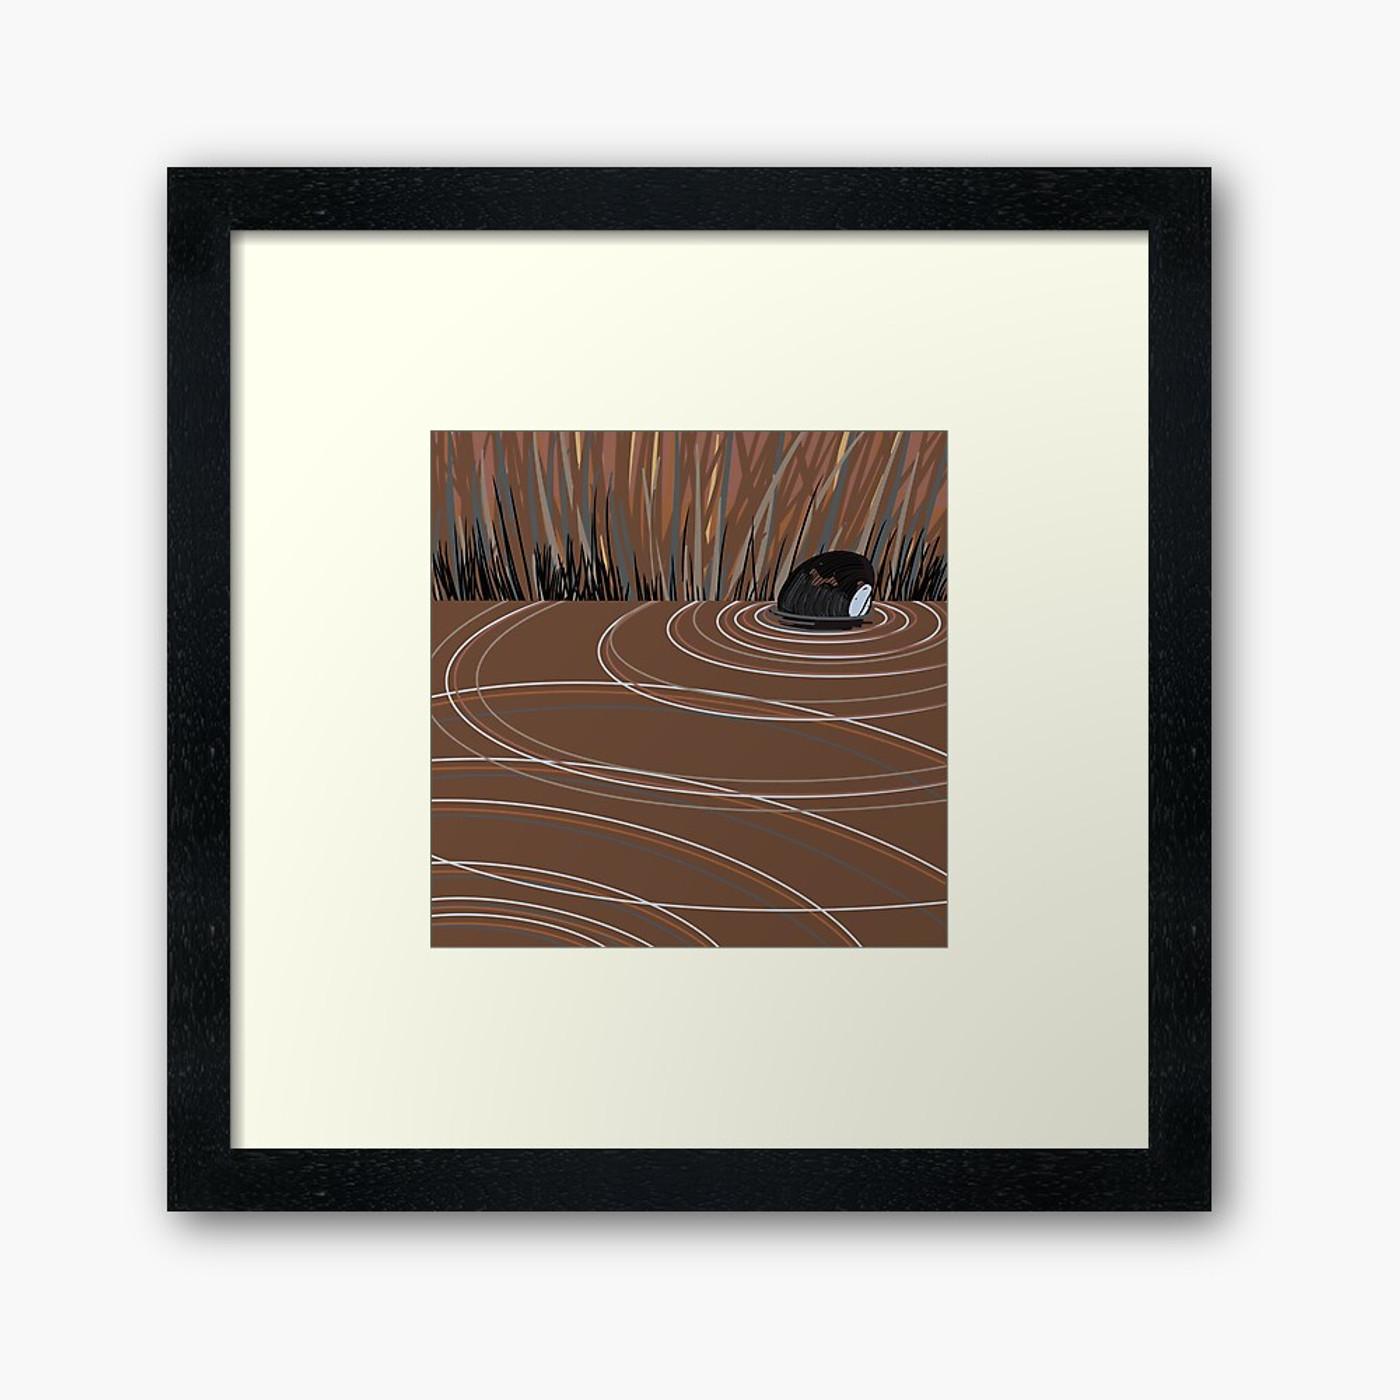 Texas Pigtoe (Fusconaia askewi)- Threatened